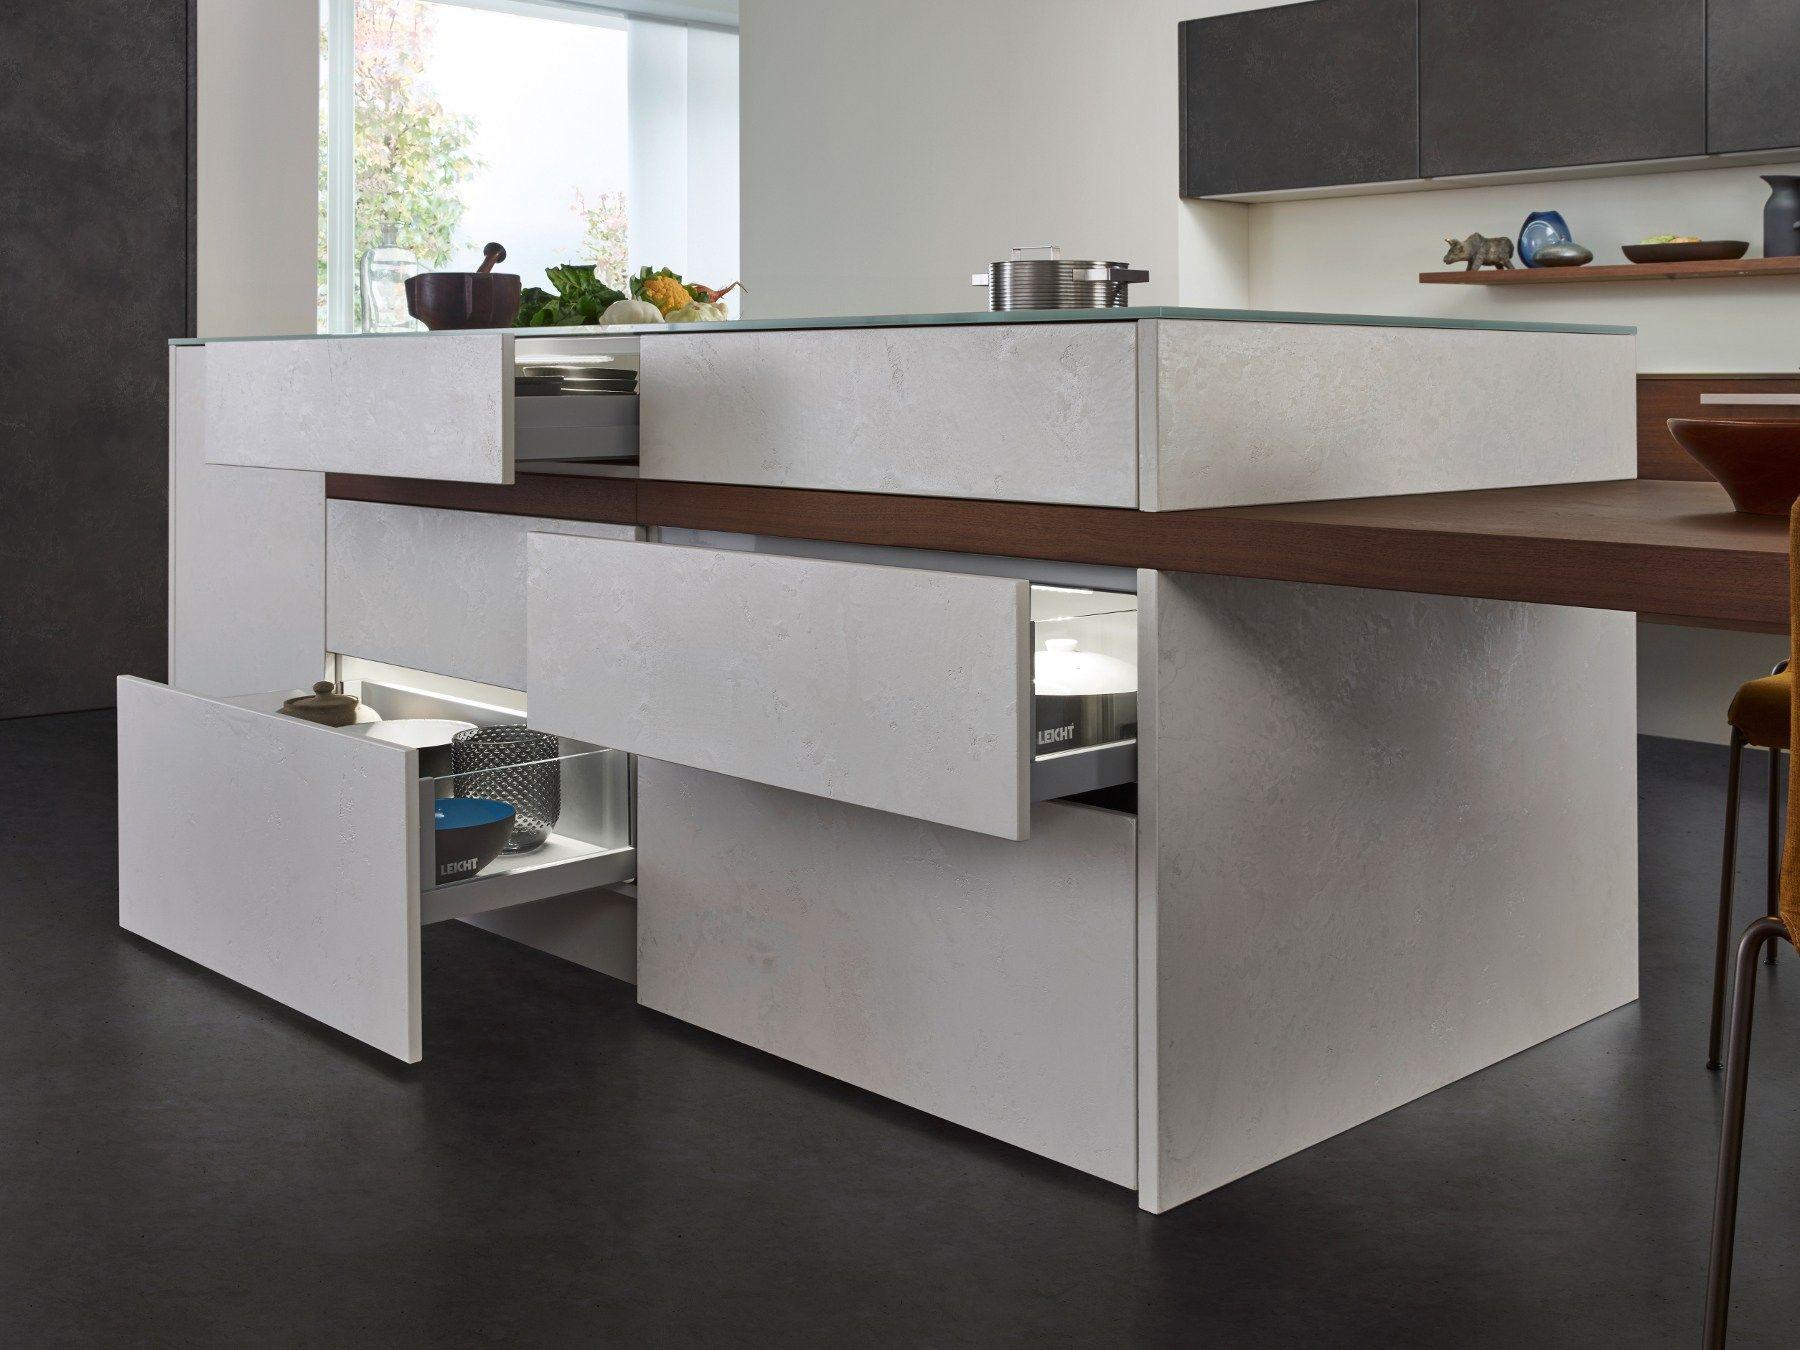 Kitchen with island topos concrete by leicht küchen